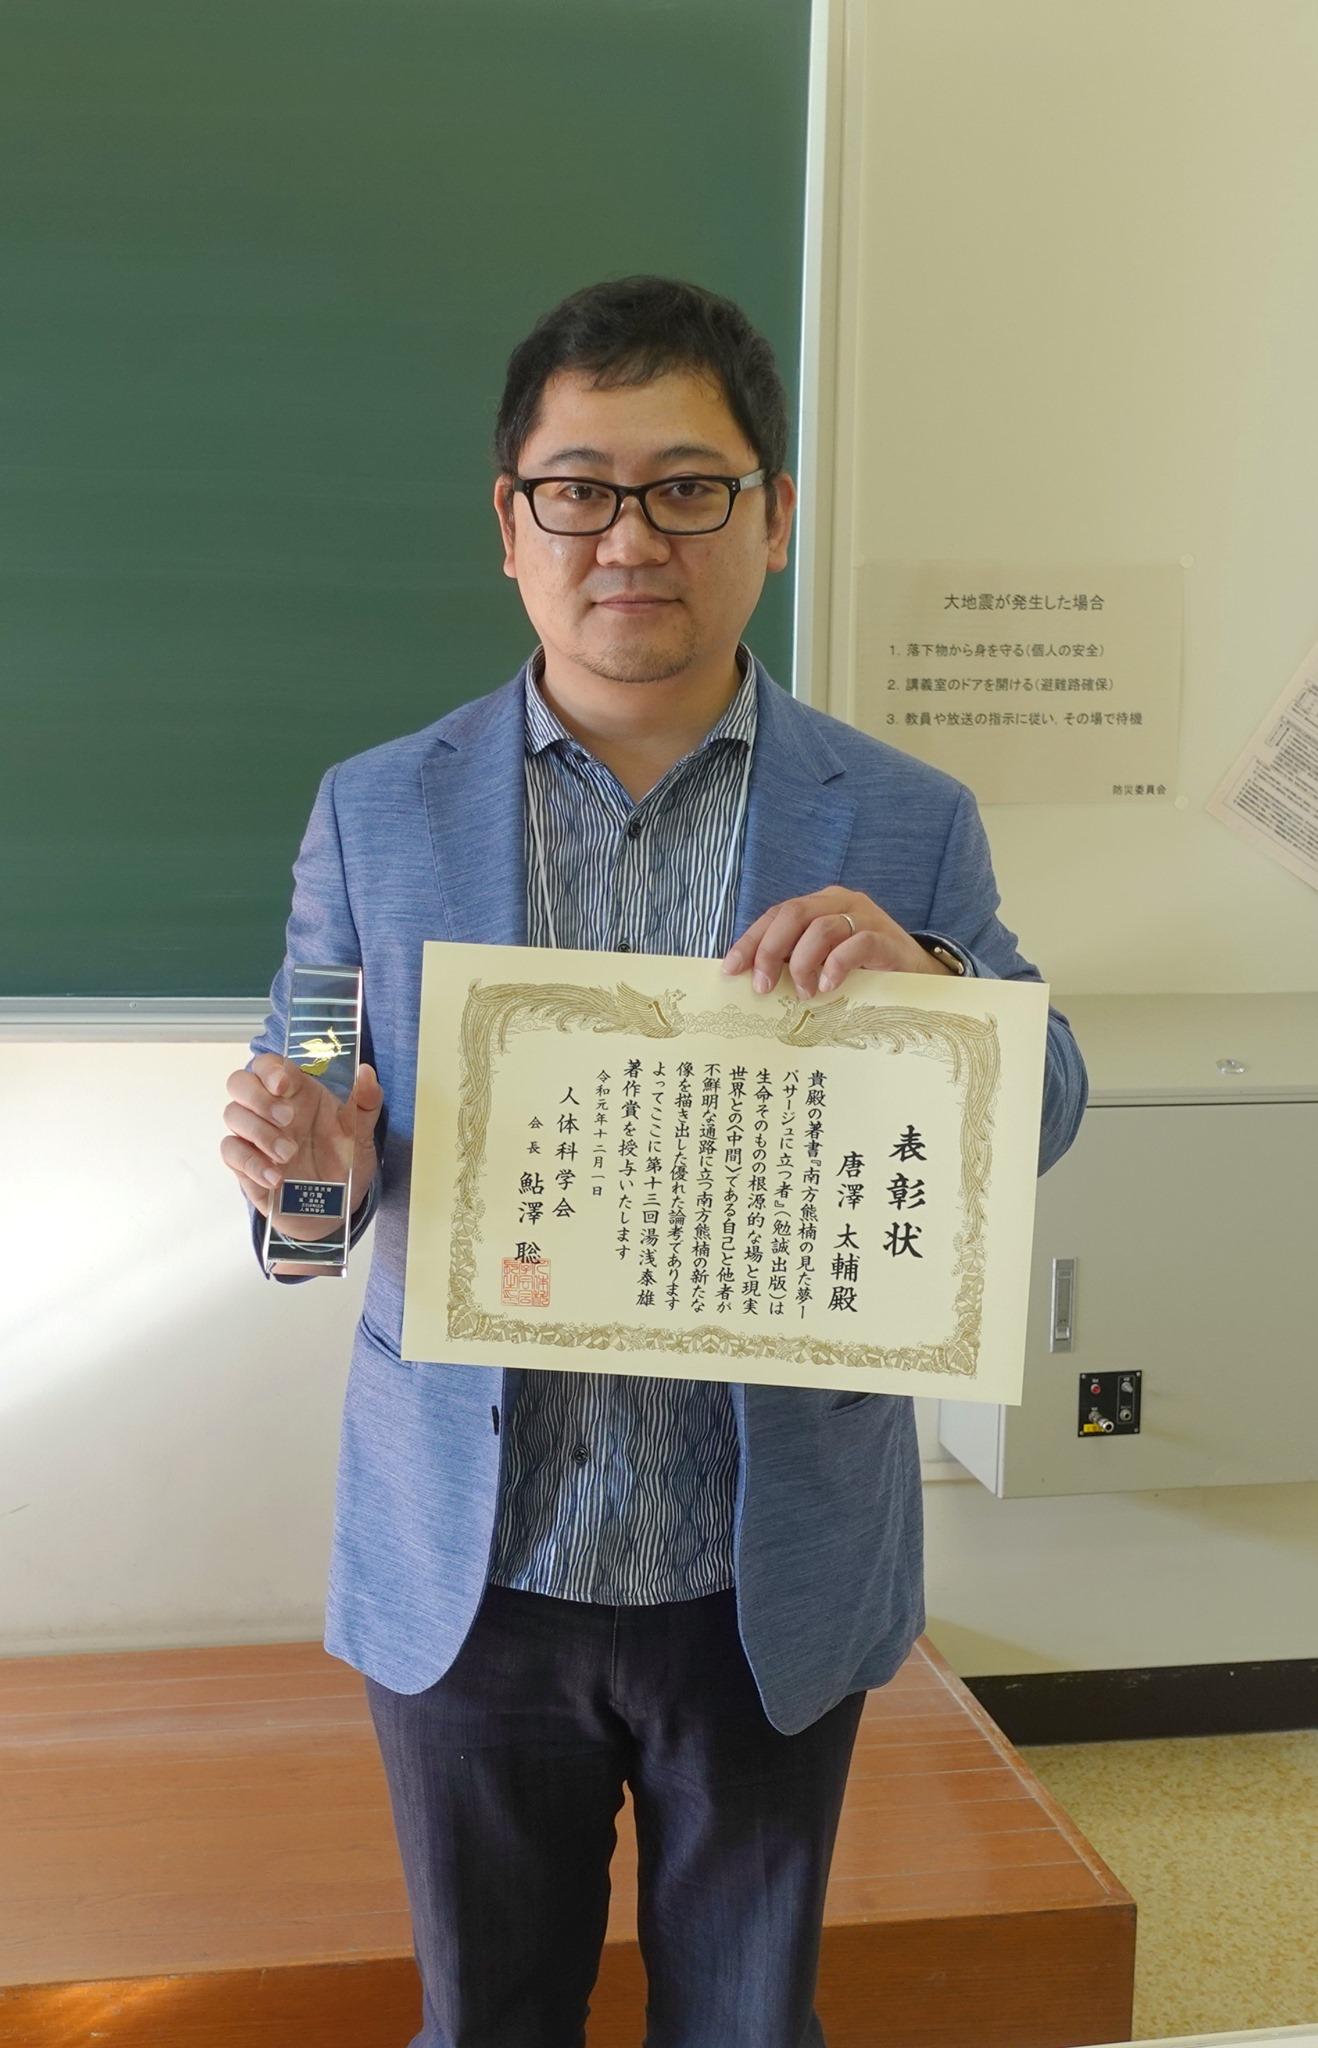 唐澤太輔准教授「第13回湯浅泰雄著作賞」受賞!